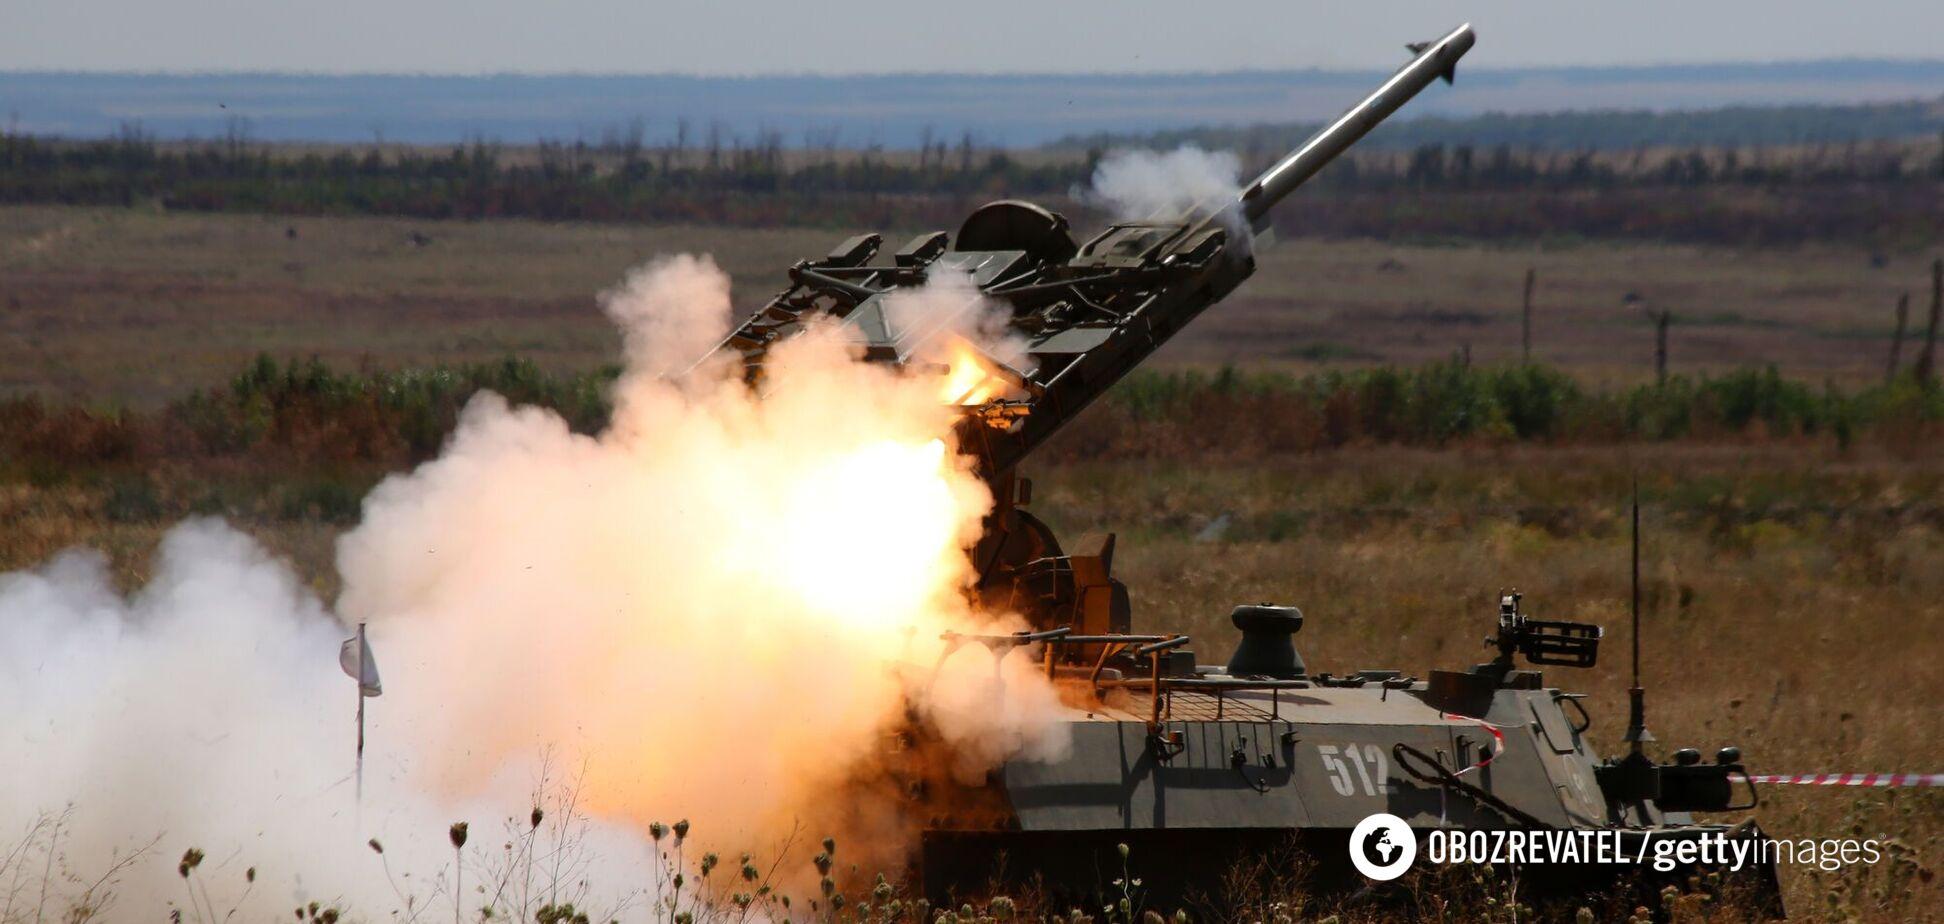 Оккупанты обстреляли позиции ВСУ на Донбассе с запрещенного оружия – штаб ООС